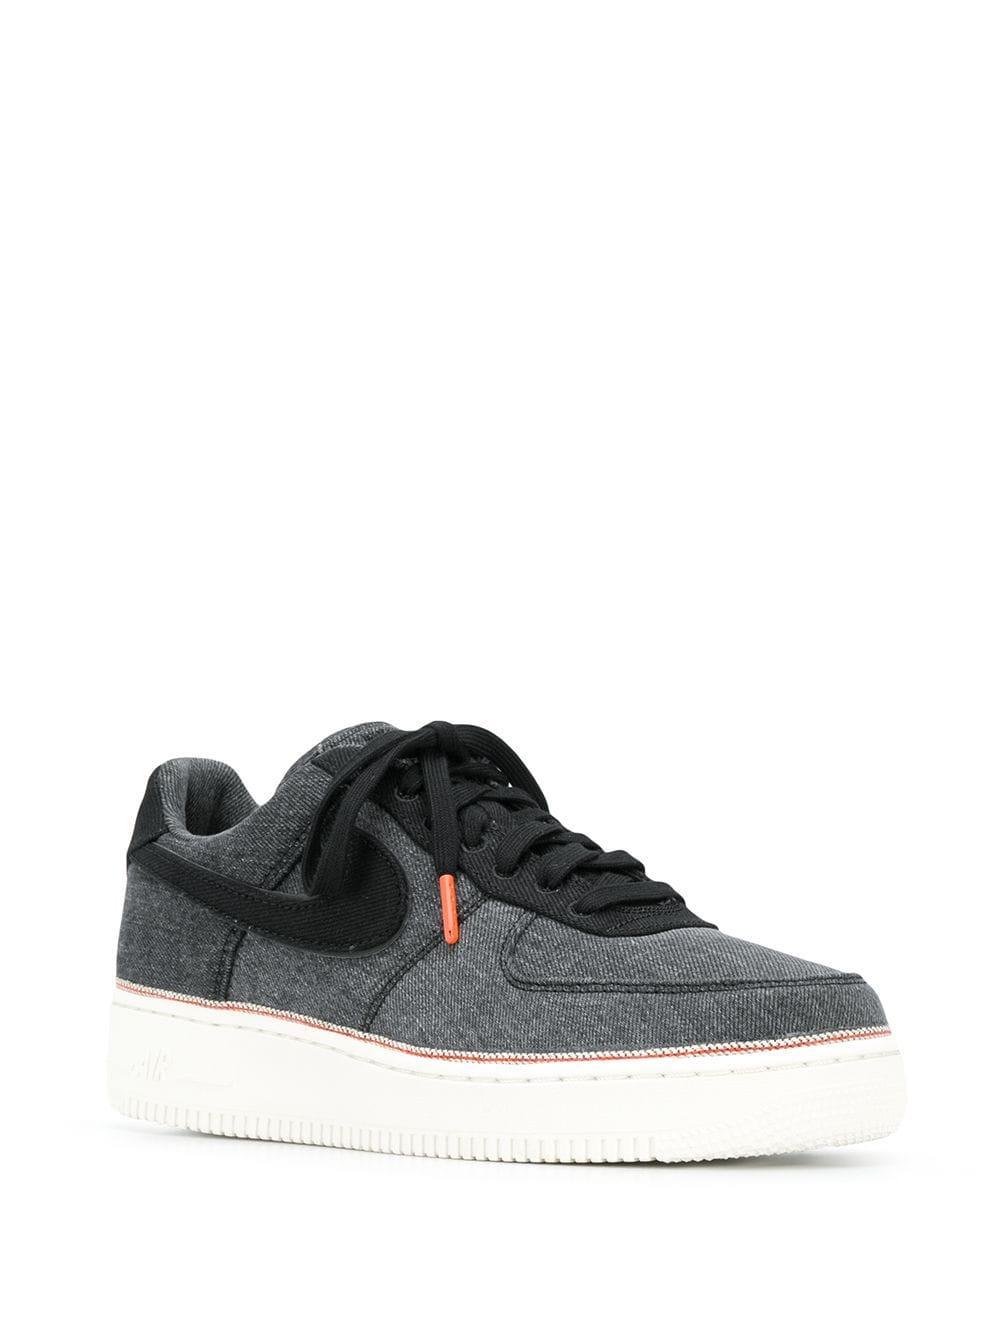 Zapatillas vaqueras Air Force 1 Nike de Denim de color Gris para hombre